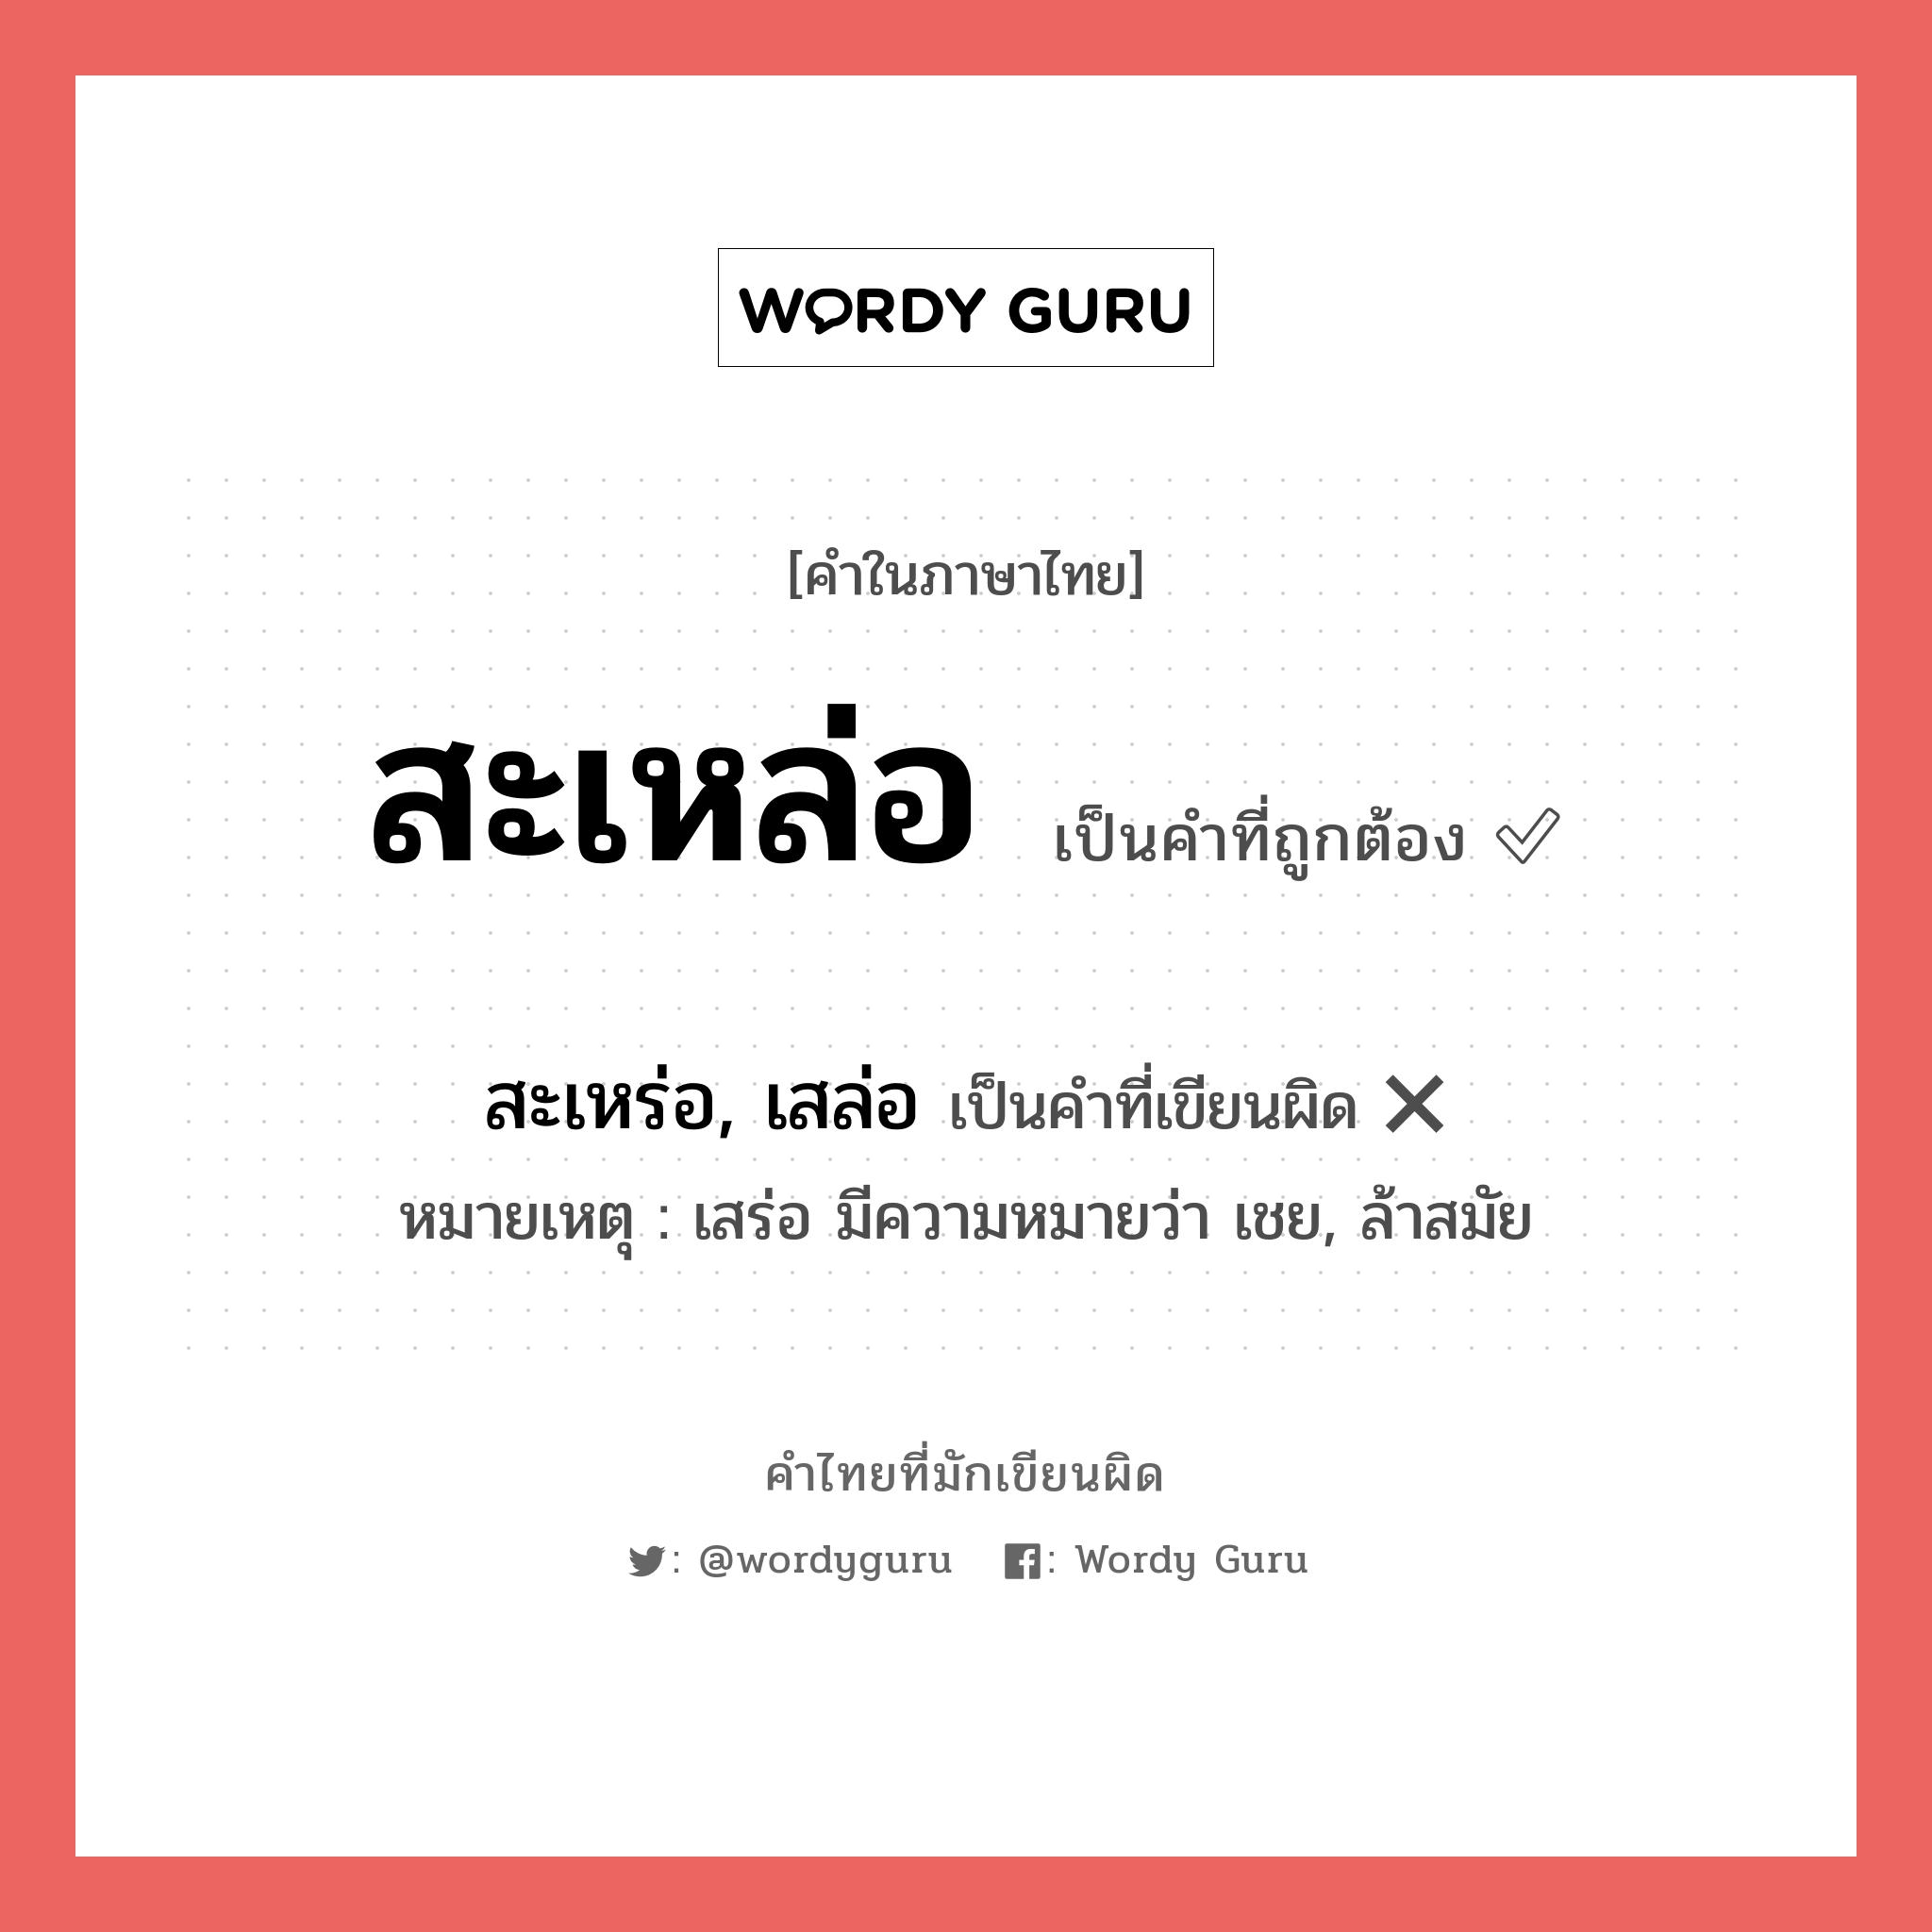 สะเหล่อ - คำไทยที่มักเขียนผิด